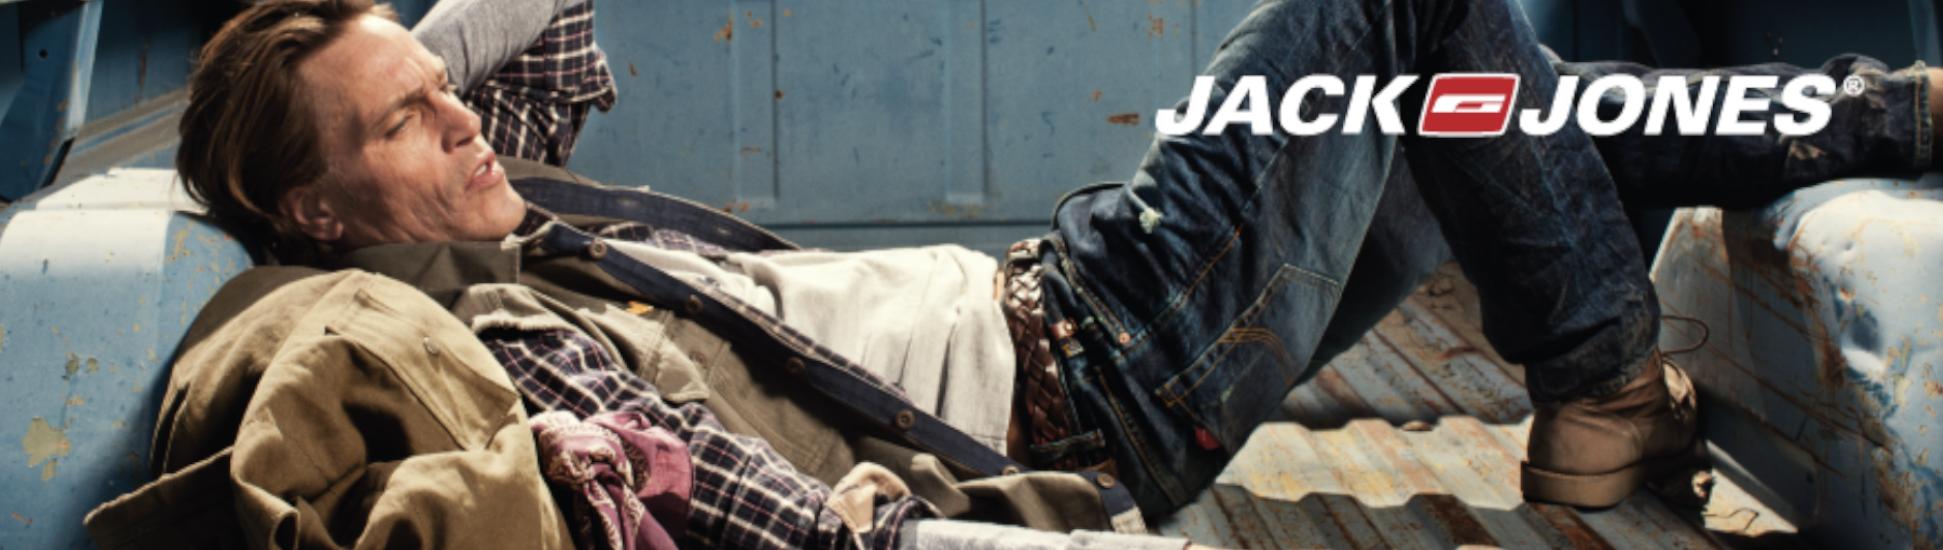 Jack Jones slide